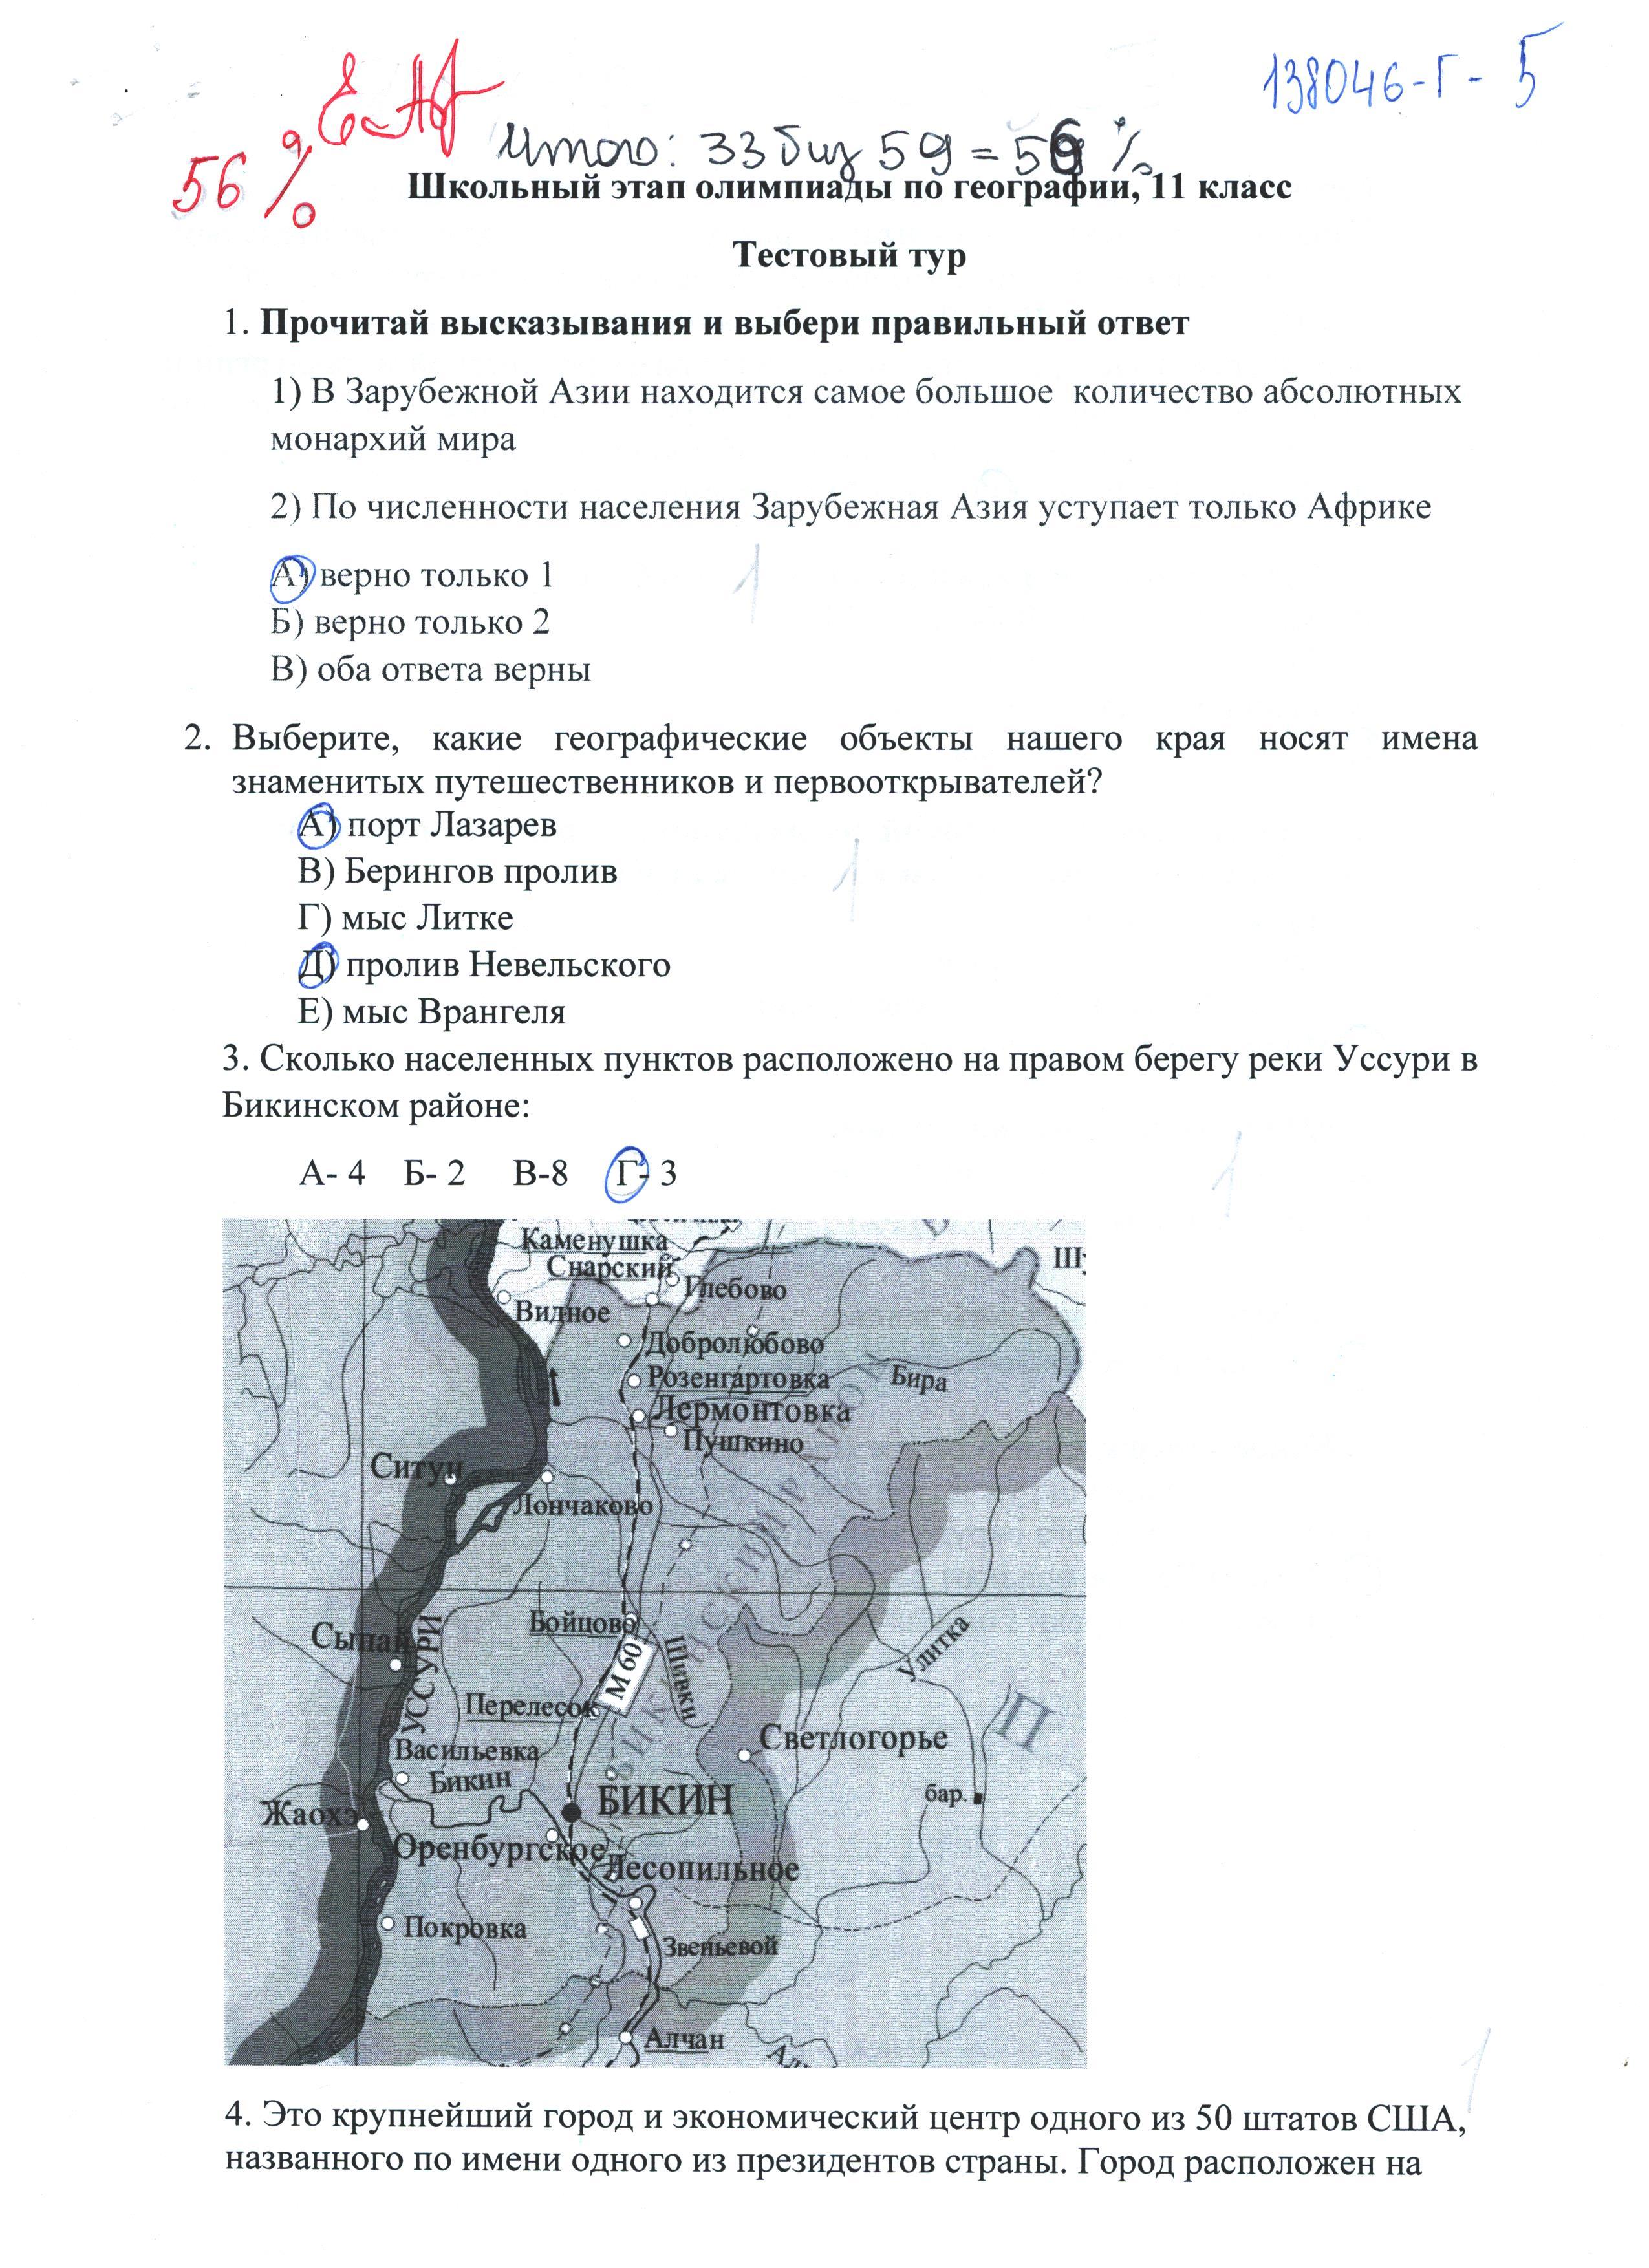 http://s43khv.ru/Olimp/2019/Geografiya/kravchenko/1.jpg